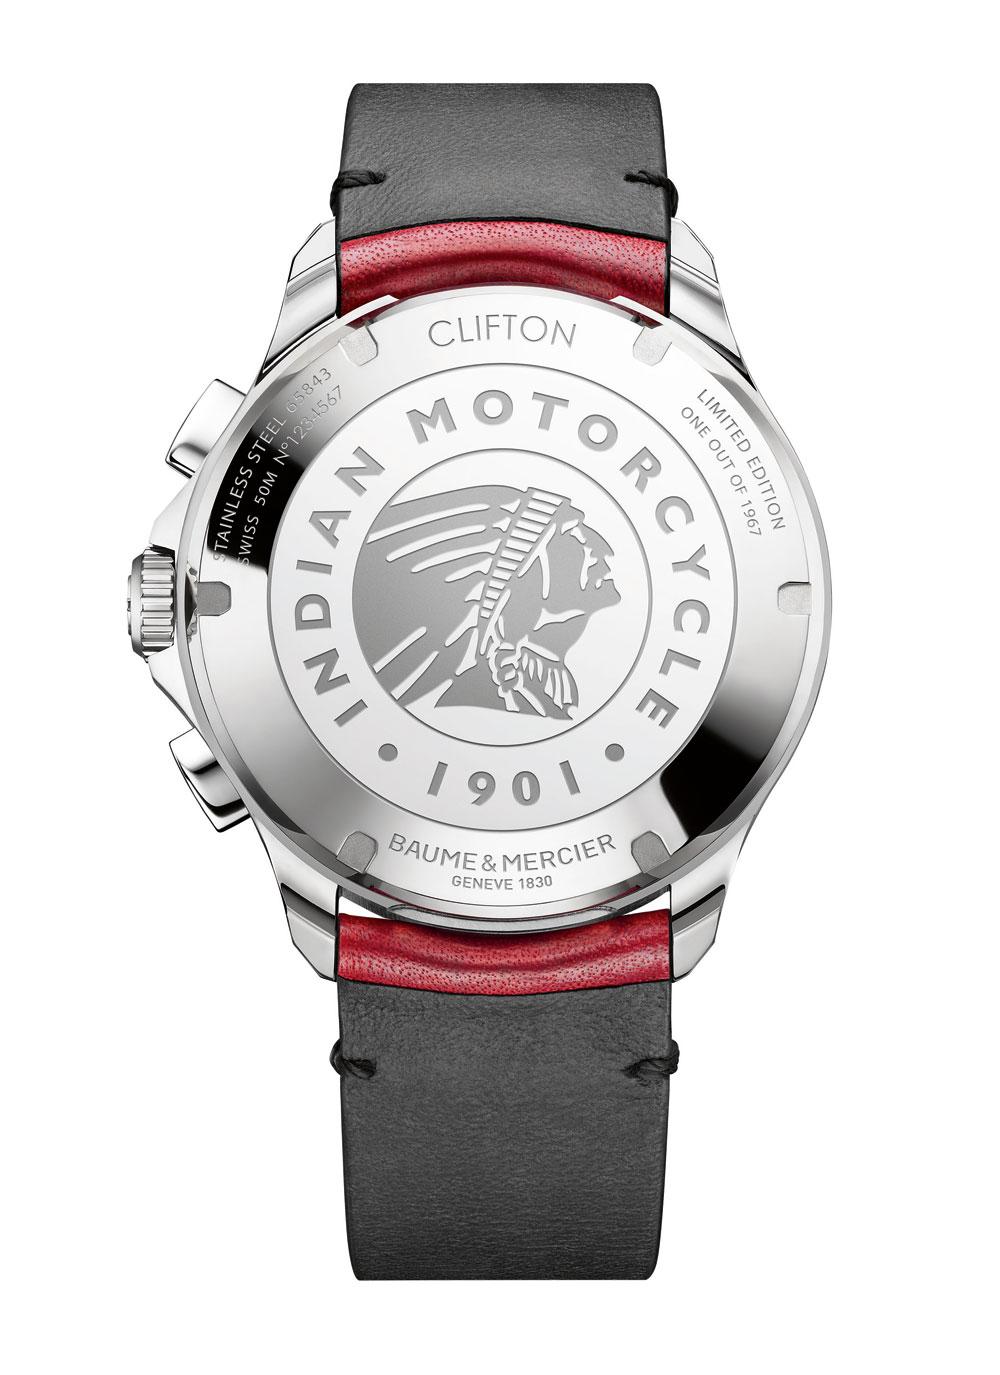 Fondo del reloj Clifton Club Burt Munro Tribute Edición Limitada de Baume & Mercier.